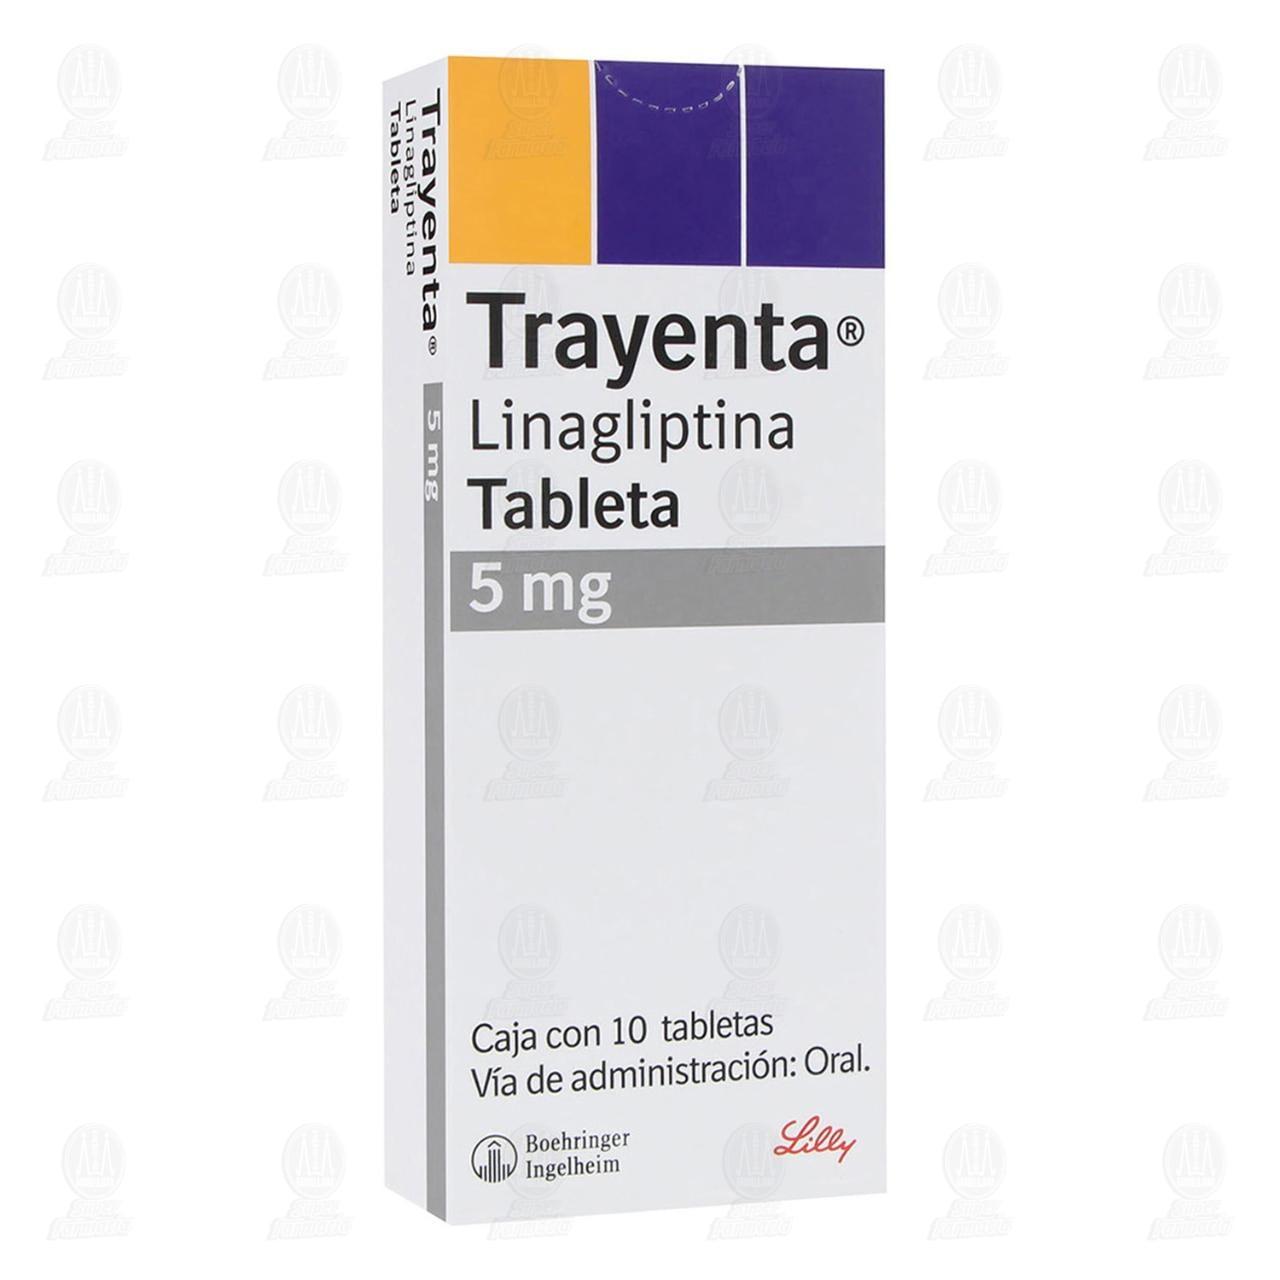 comprar https://www.movil.farmaciasguadalajara.com/wcsstore/FGCAS/wcs/products/1139169_A_1280_AL.jpg en farmacias guadalajara